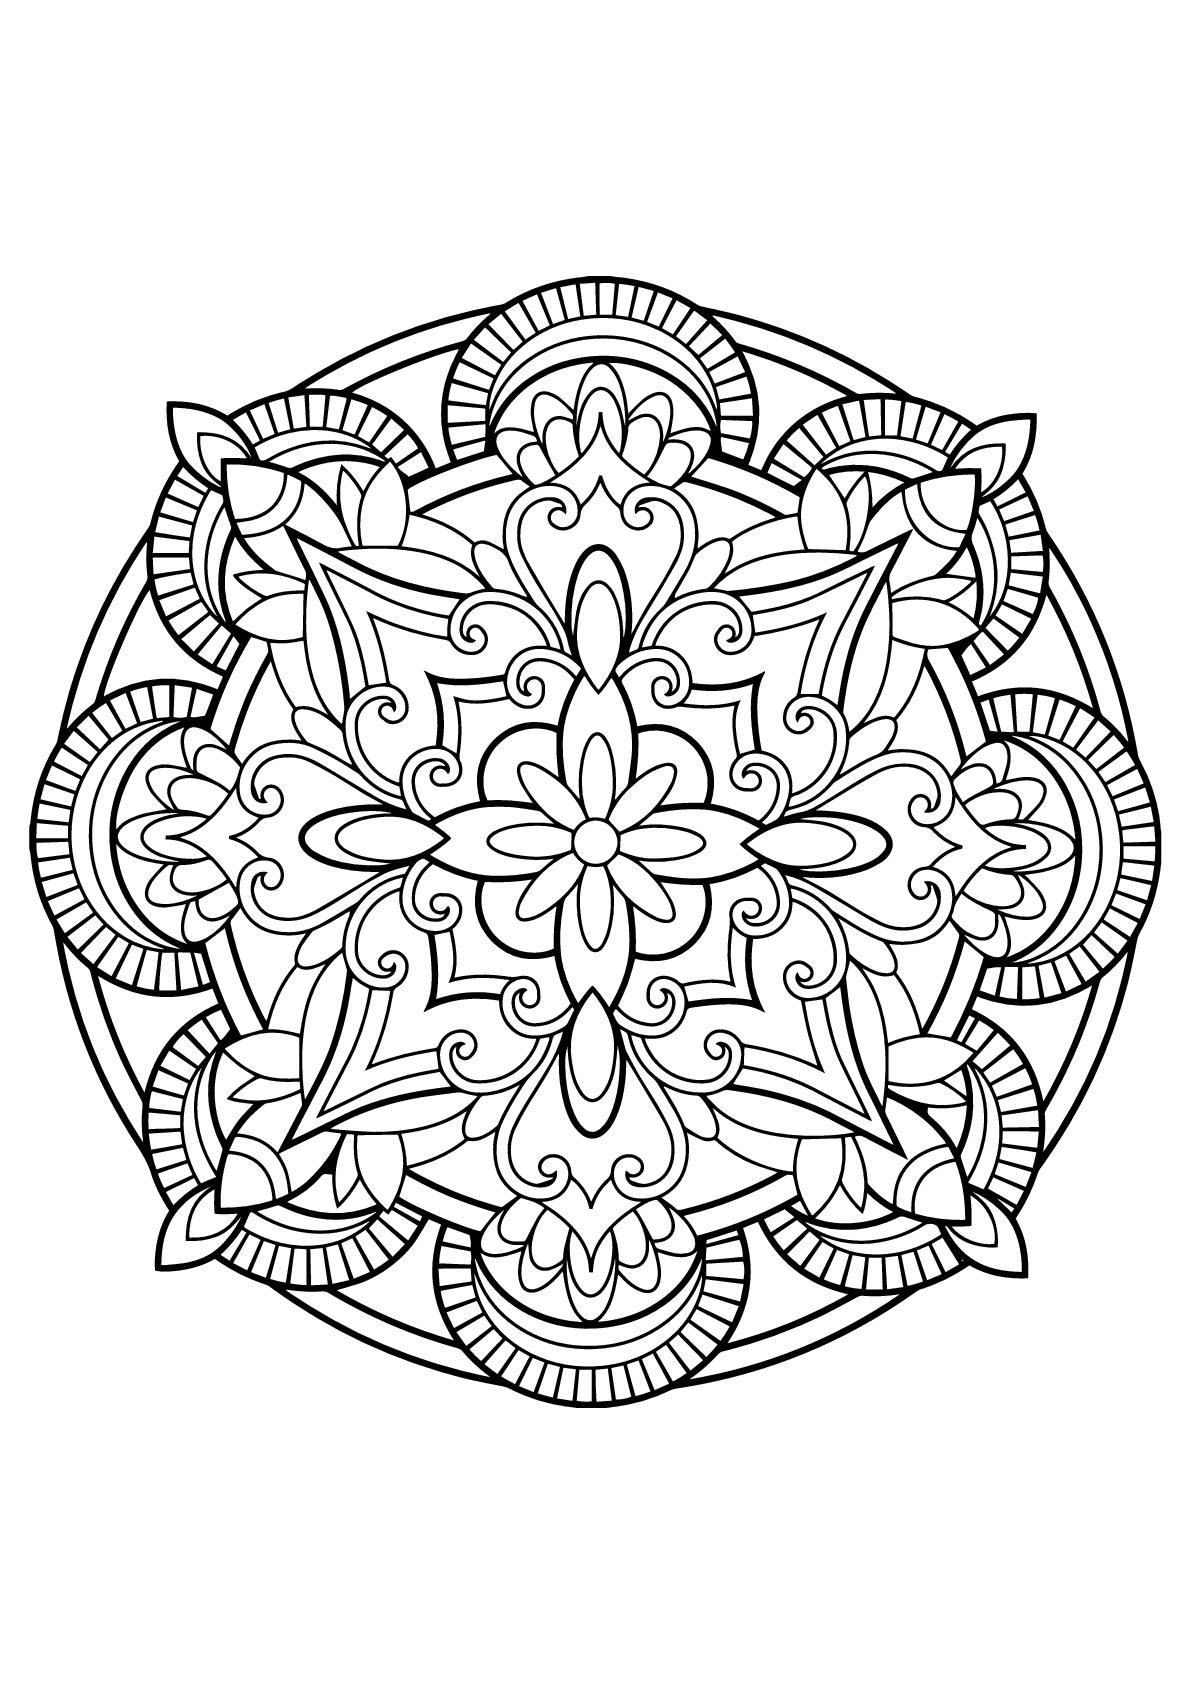 Livre De Coloriage Mandala | Imprimer et Obtenir une Coloriage Gratuit Ici